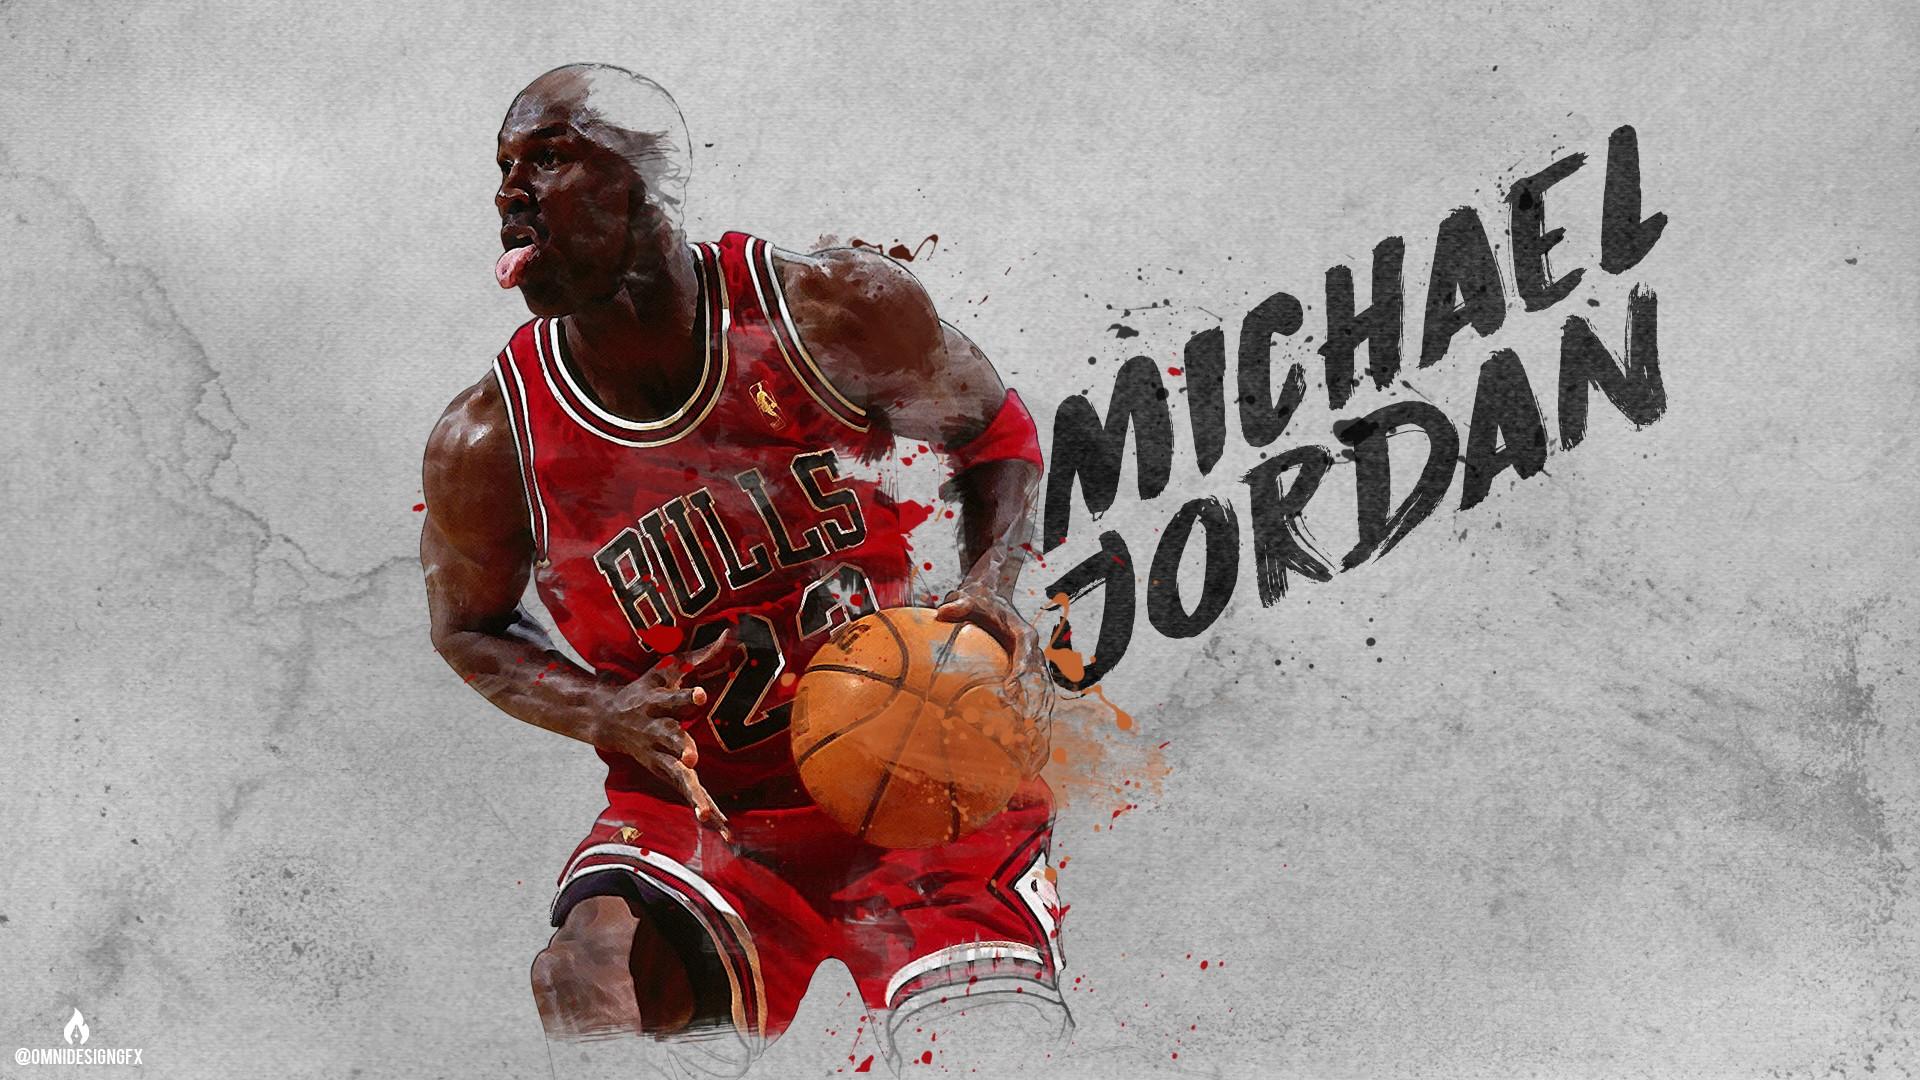 computadora Colibrí Incorrecto  michael jordan fondos de pantalla baloncesto - jordan fondo de pantalla hd  - 1920x1080 - WallpaperTip